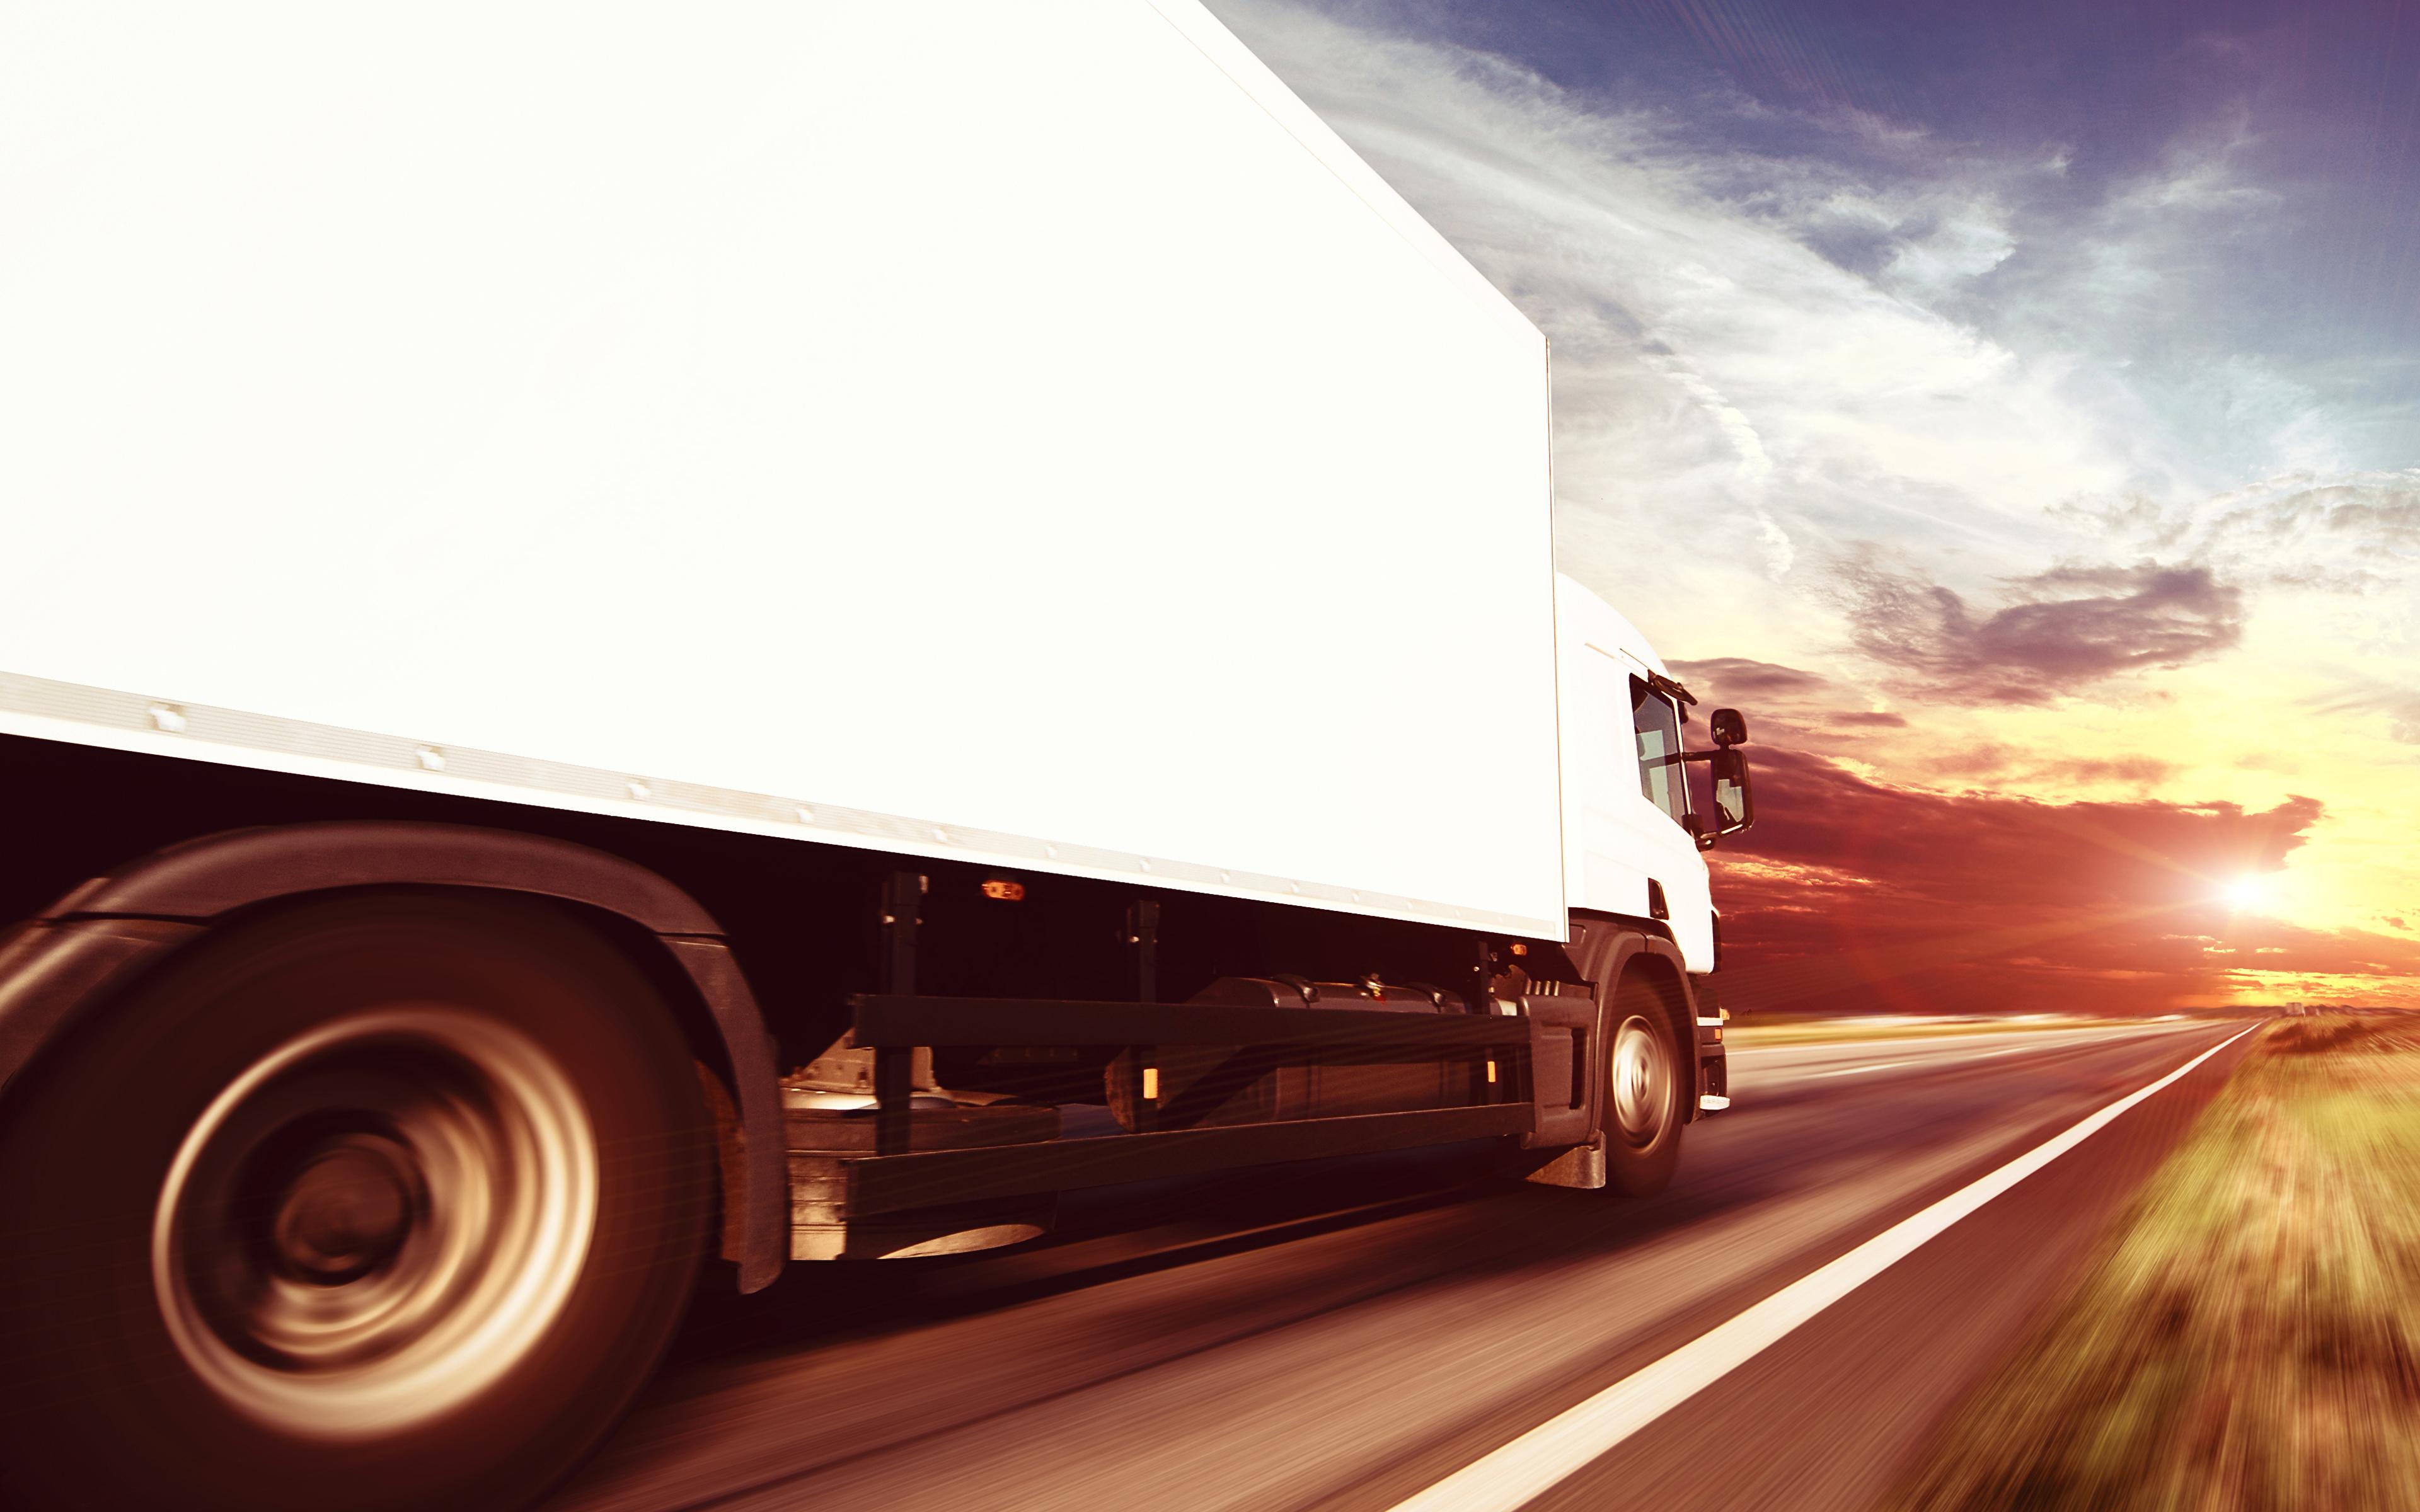 Bakgrunnsbilder lastebil hvite vei går Biler 3840x2400 Lastebiler Hvit Veier Bevegelse bil automobil